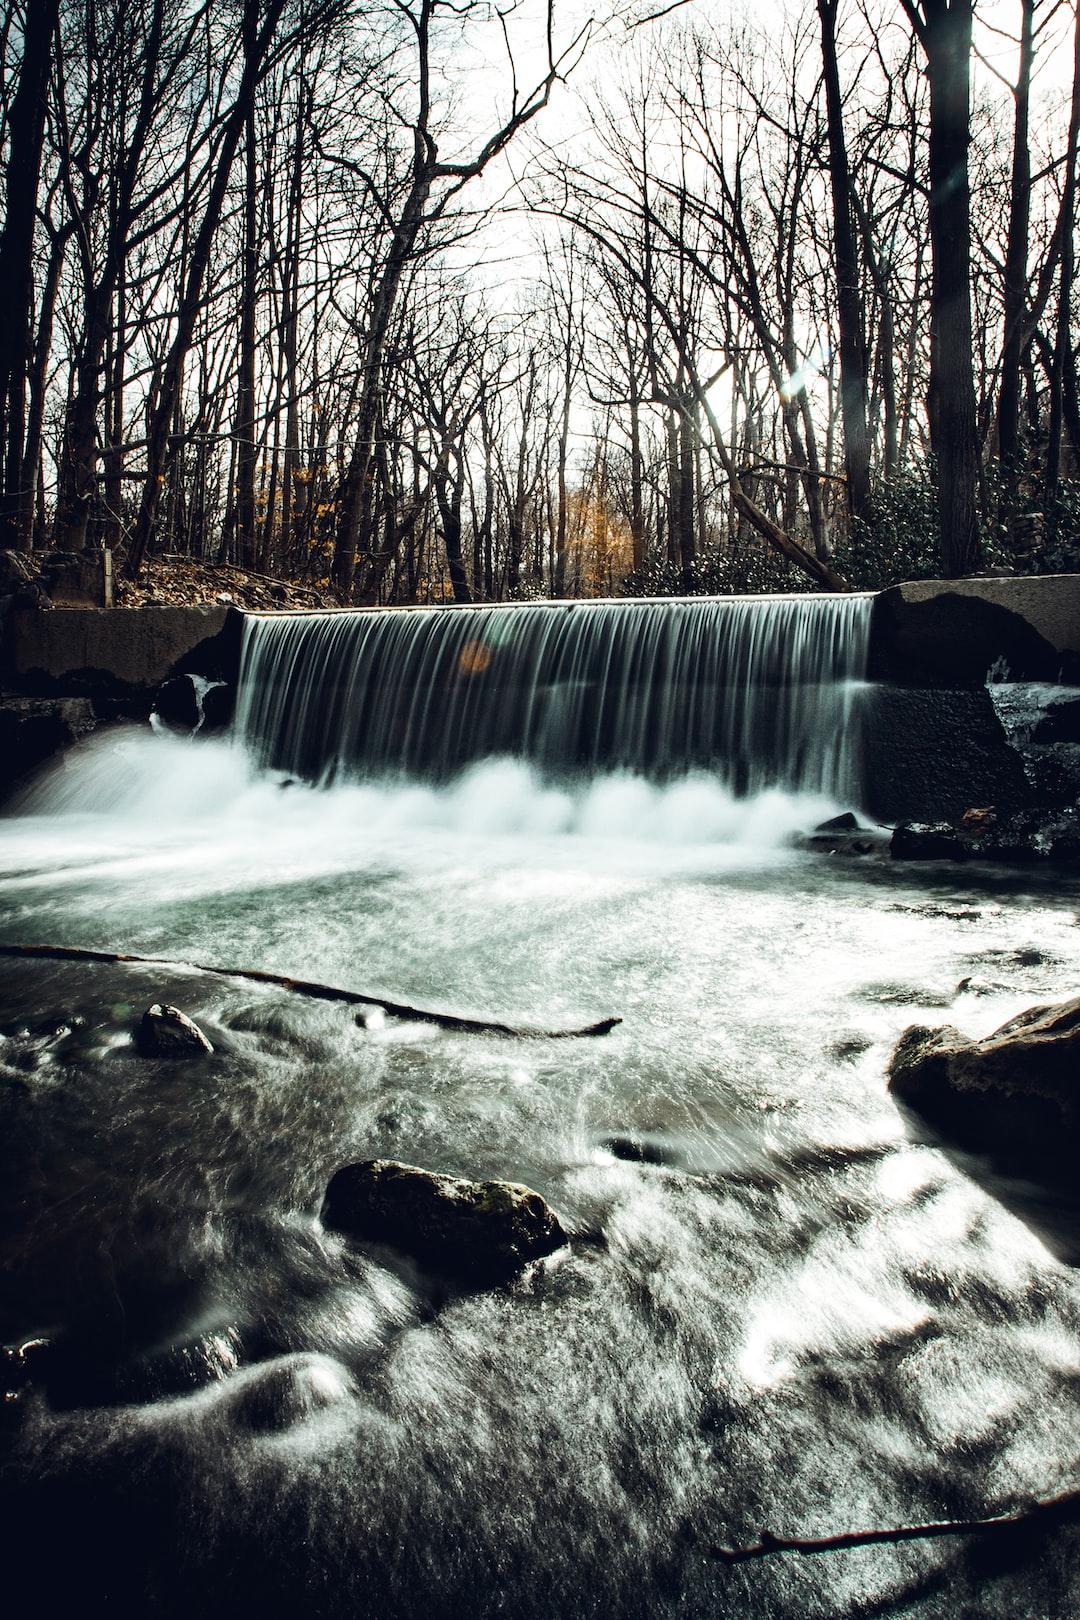 Waterfall in Laurelville Pennsylvania